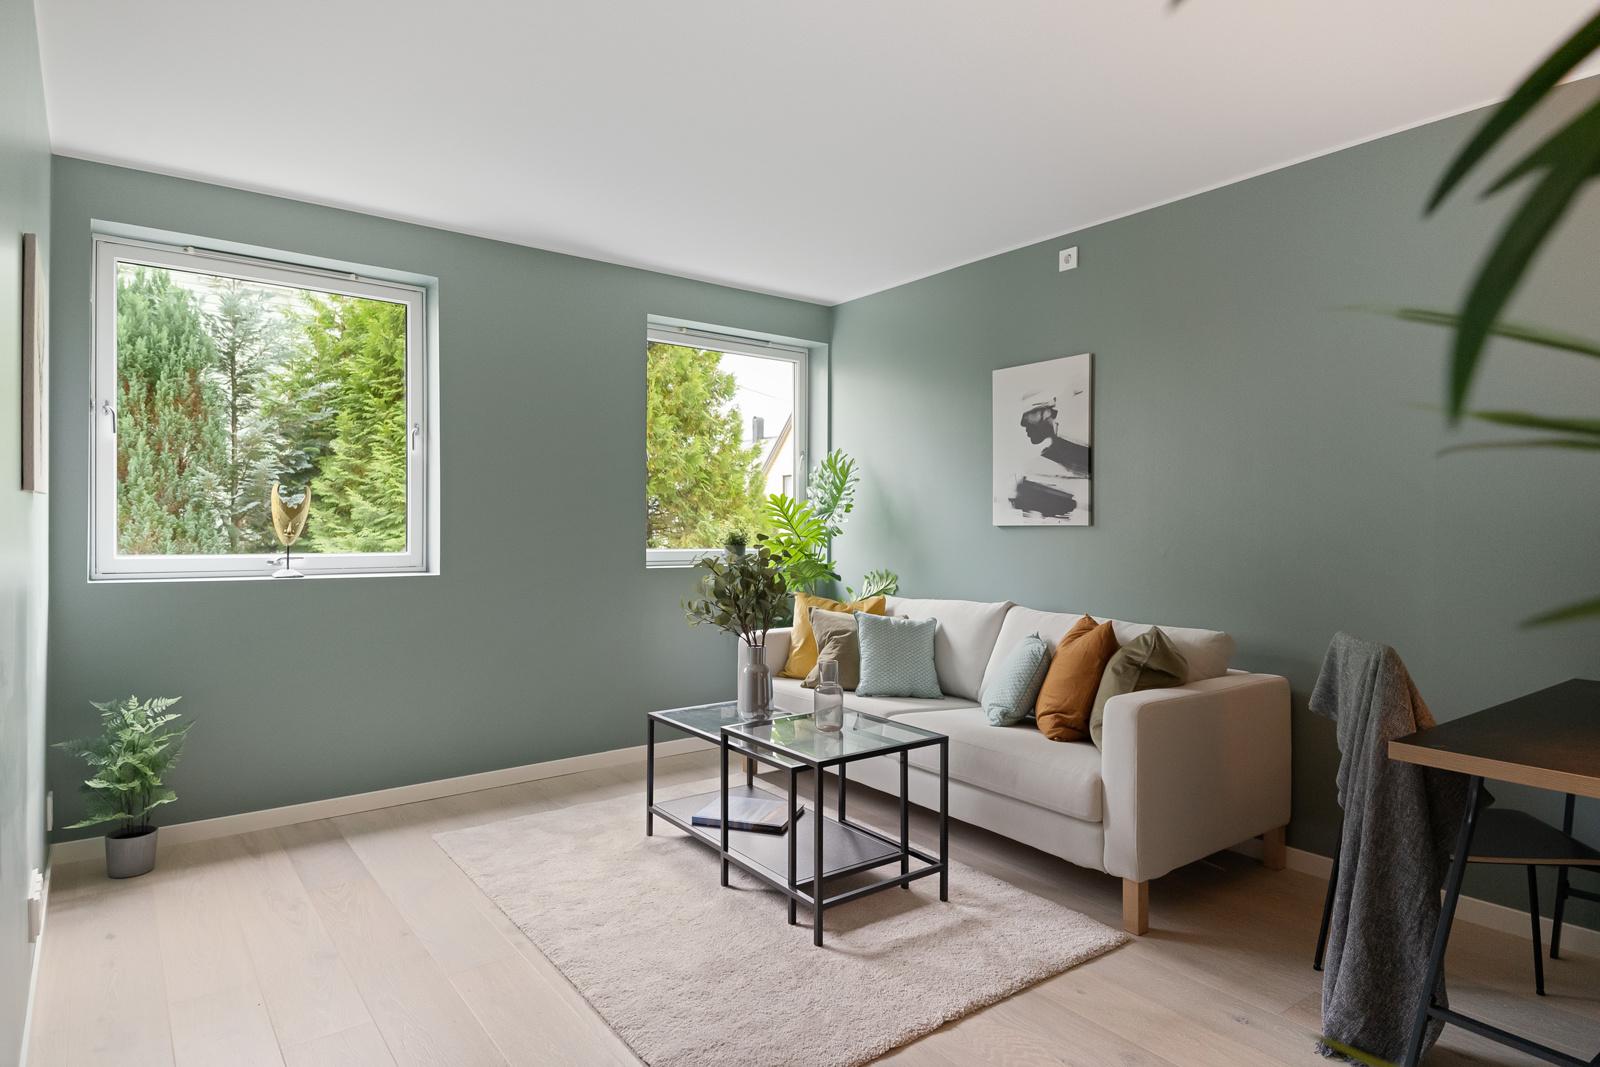 Velkommen til lekker, nyoppusset 3-roms leilighet med flotte kvaliteter, presentert av Chris-André Grimstad Fana Sparebank Eiendom